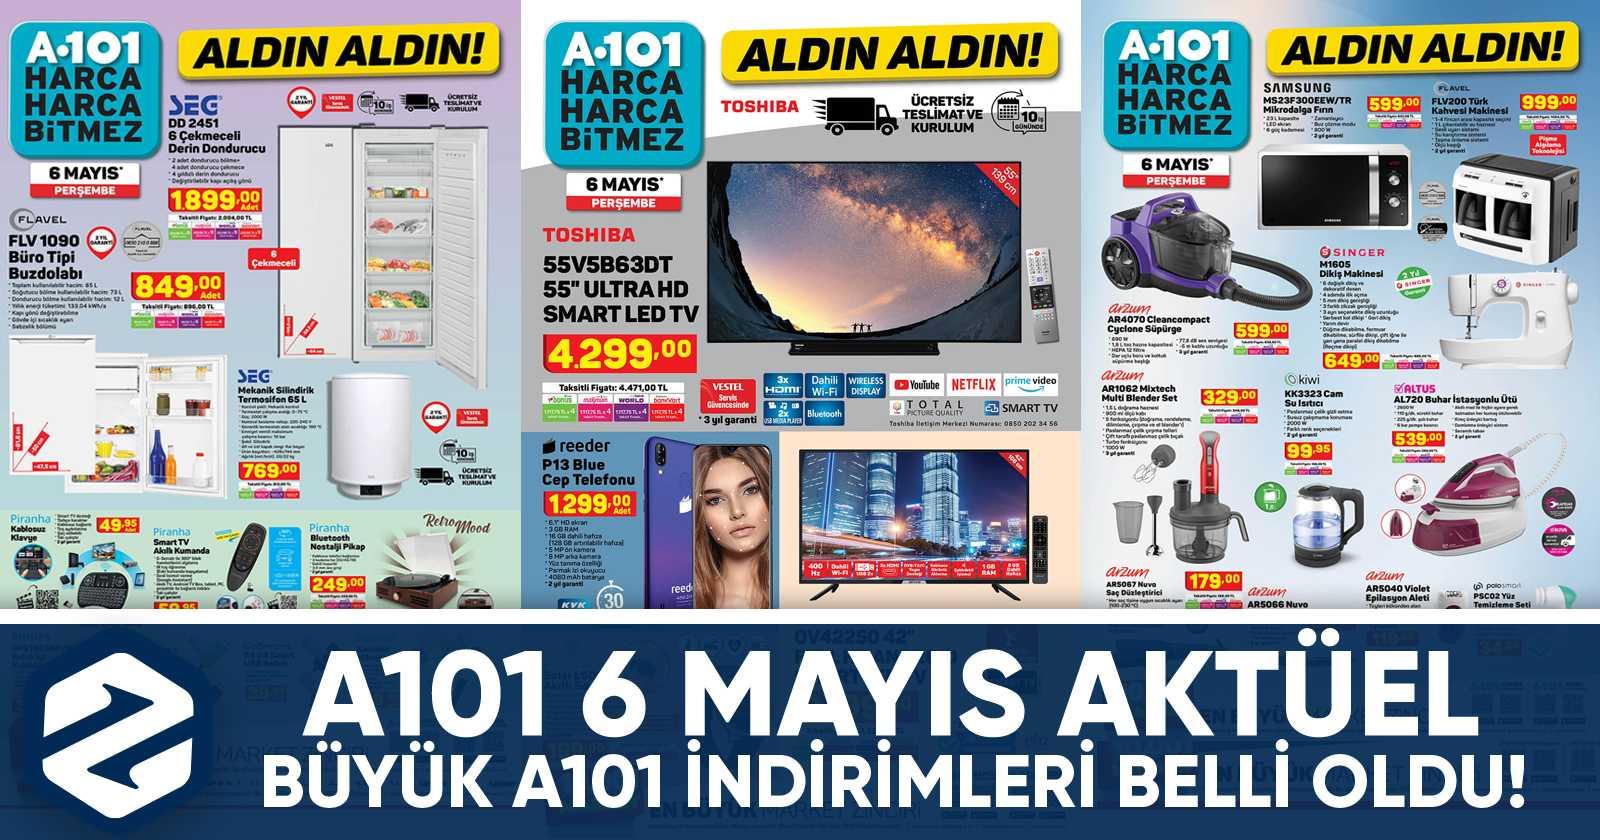 a101 aktuel 6 mayis